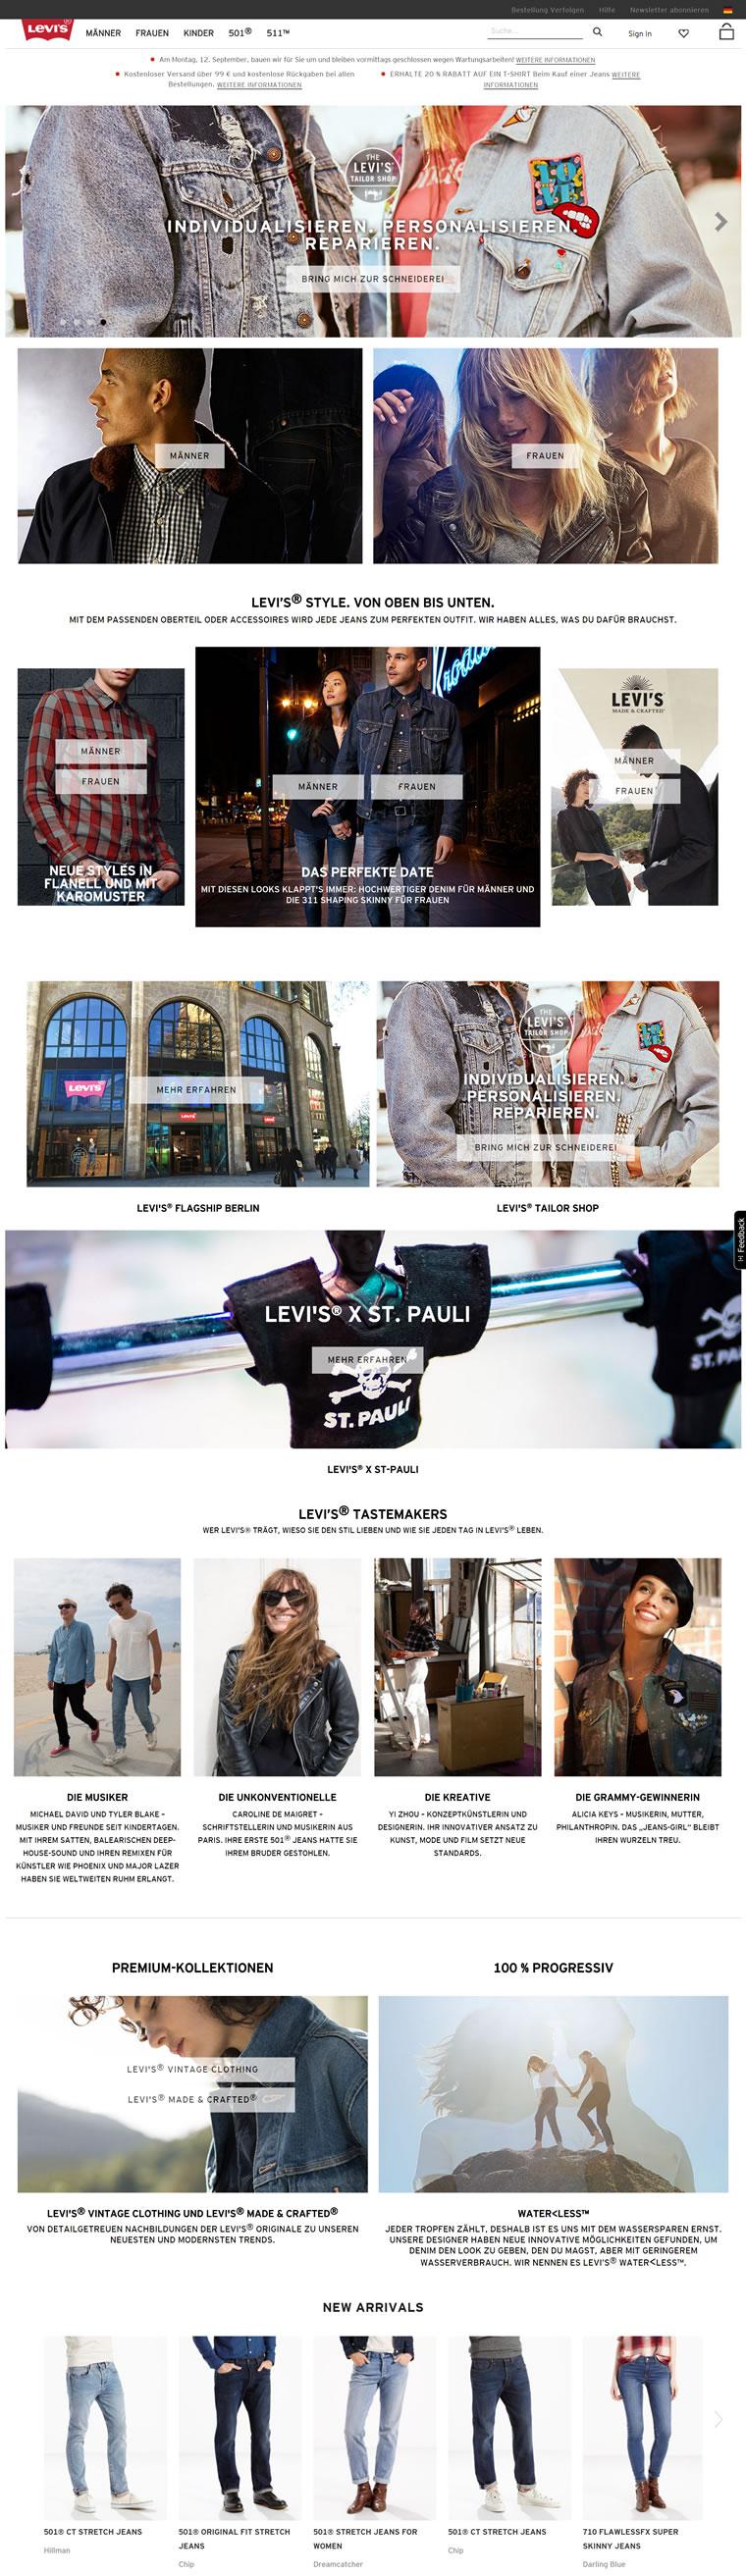 李维斯德国官方网上商店:Levi's德国